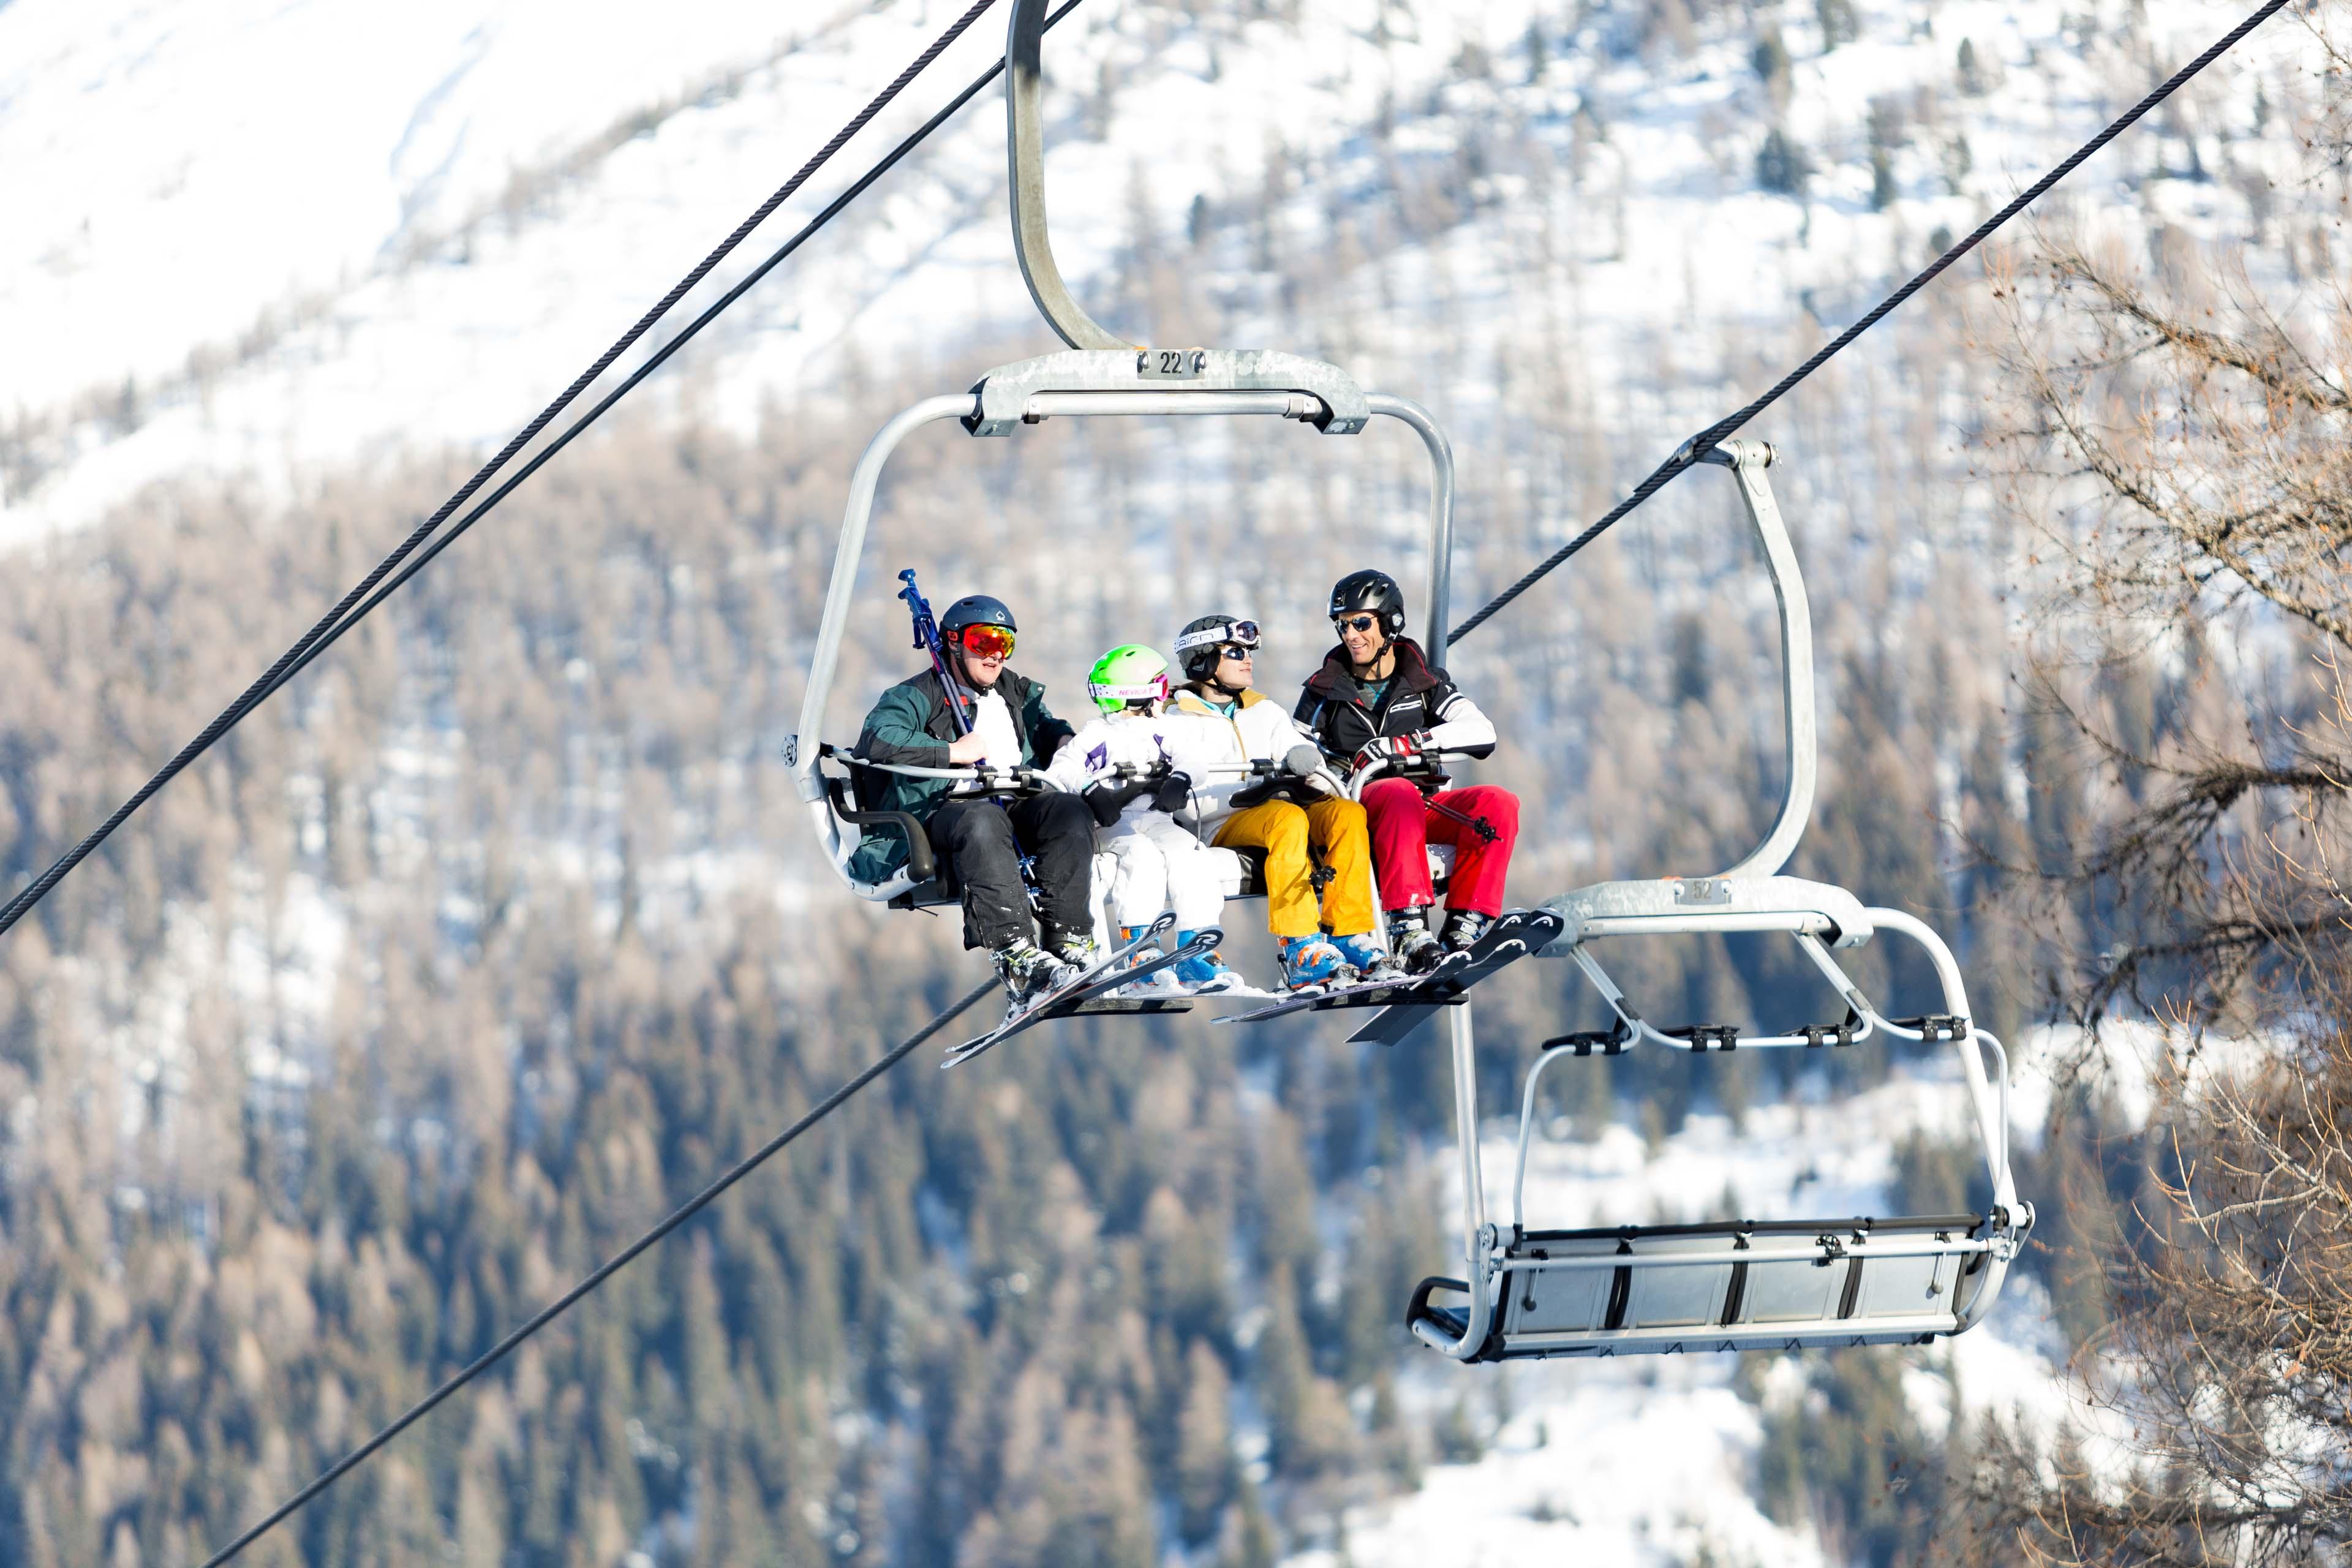 Ski lift at Brevent Flegere guide to chamonix